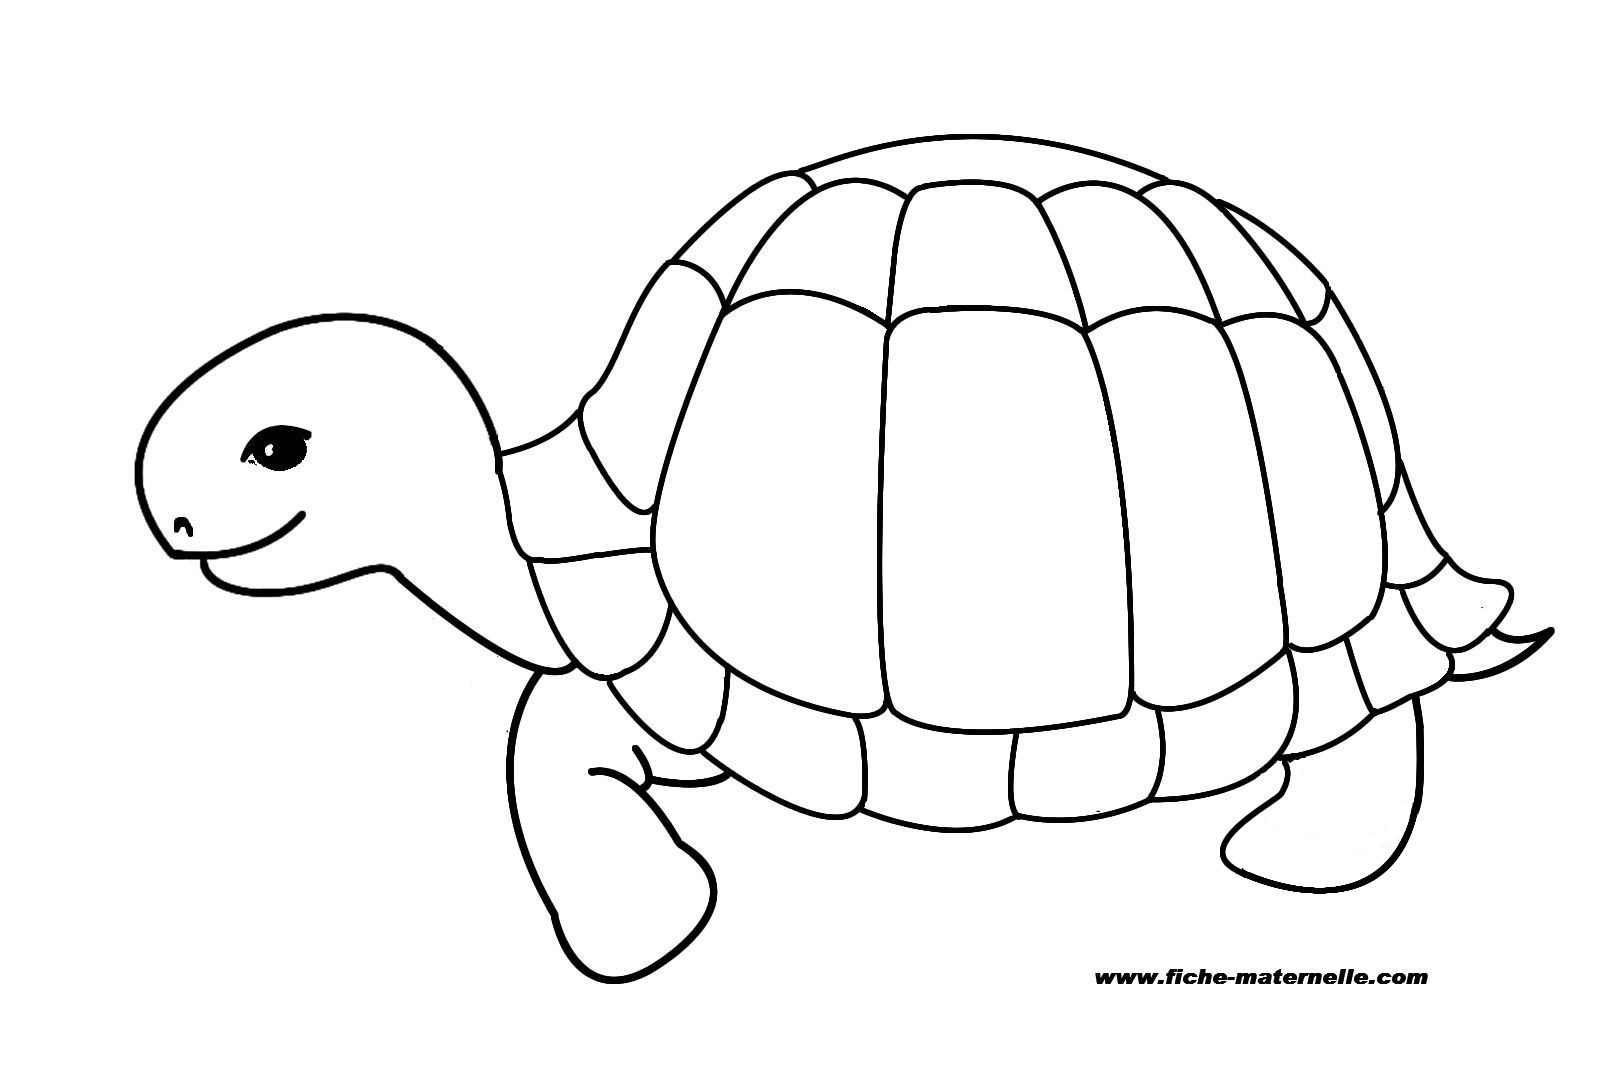 dessin  colorier masque tortue Voir le dessin dessin gratuit samy tortue